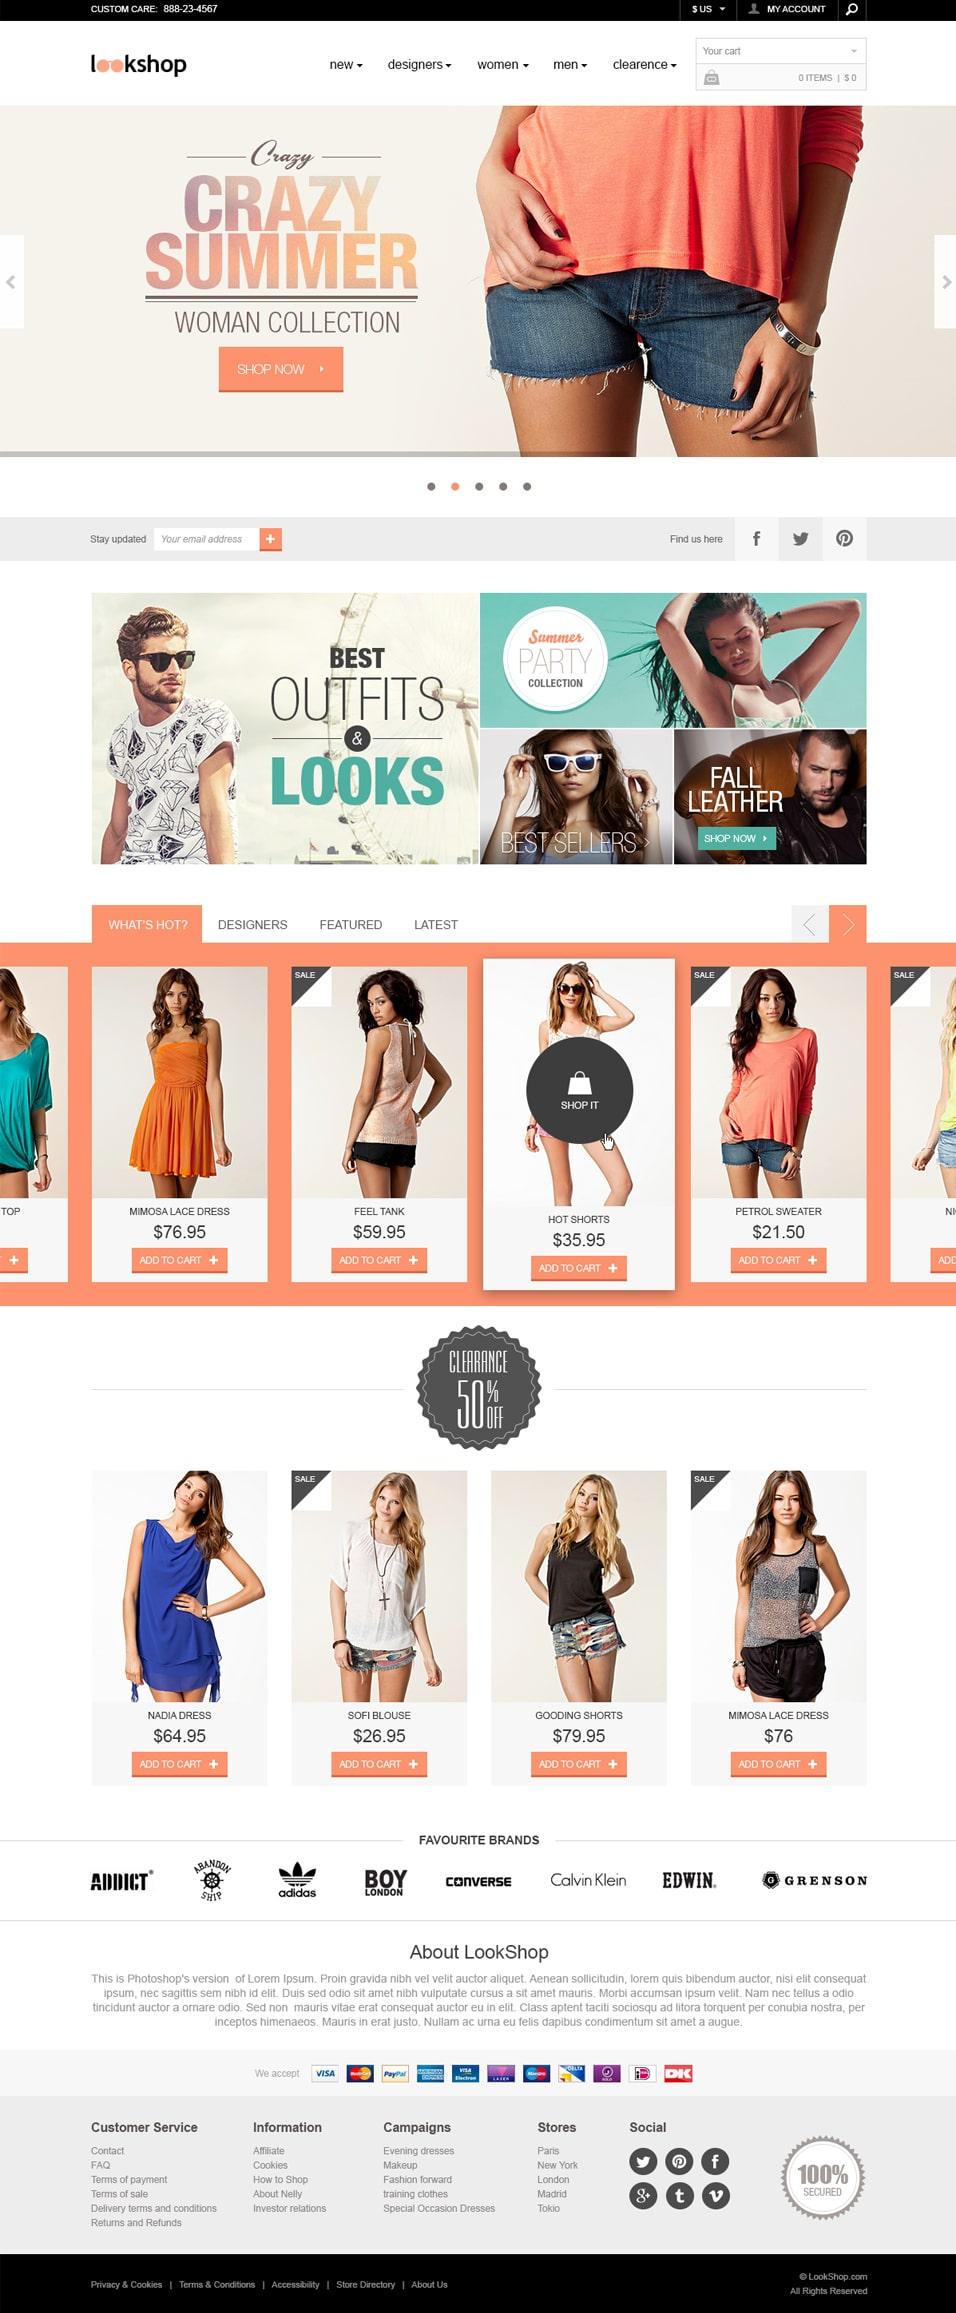 e commerce sites templates - lookshop e commerce responsive design template